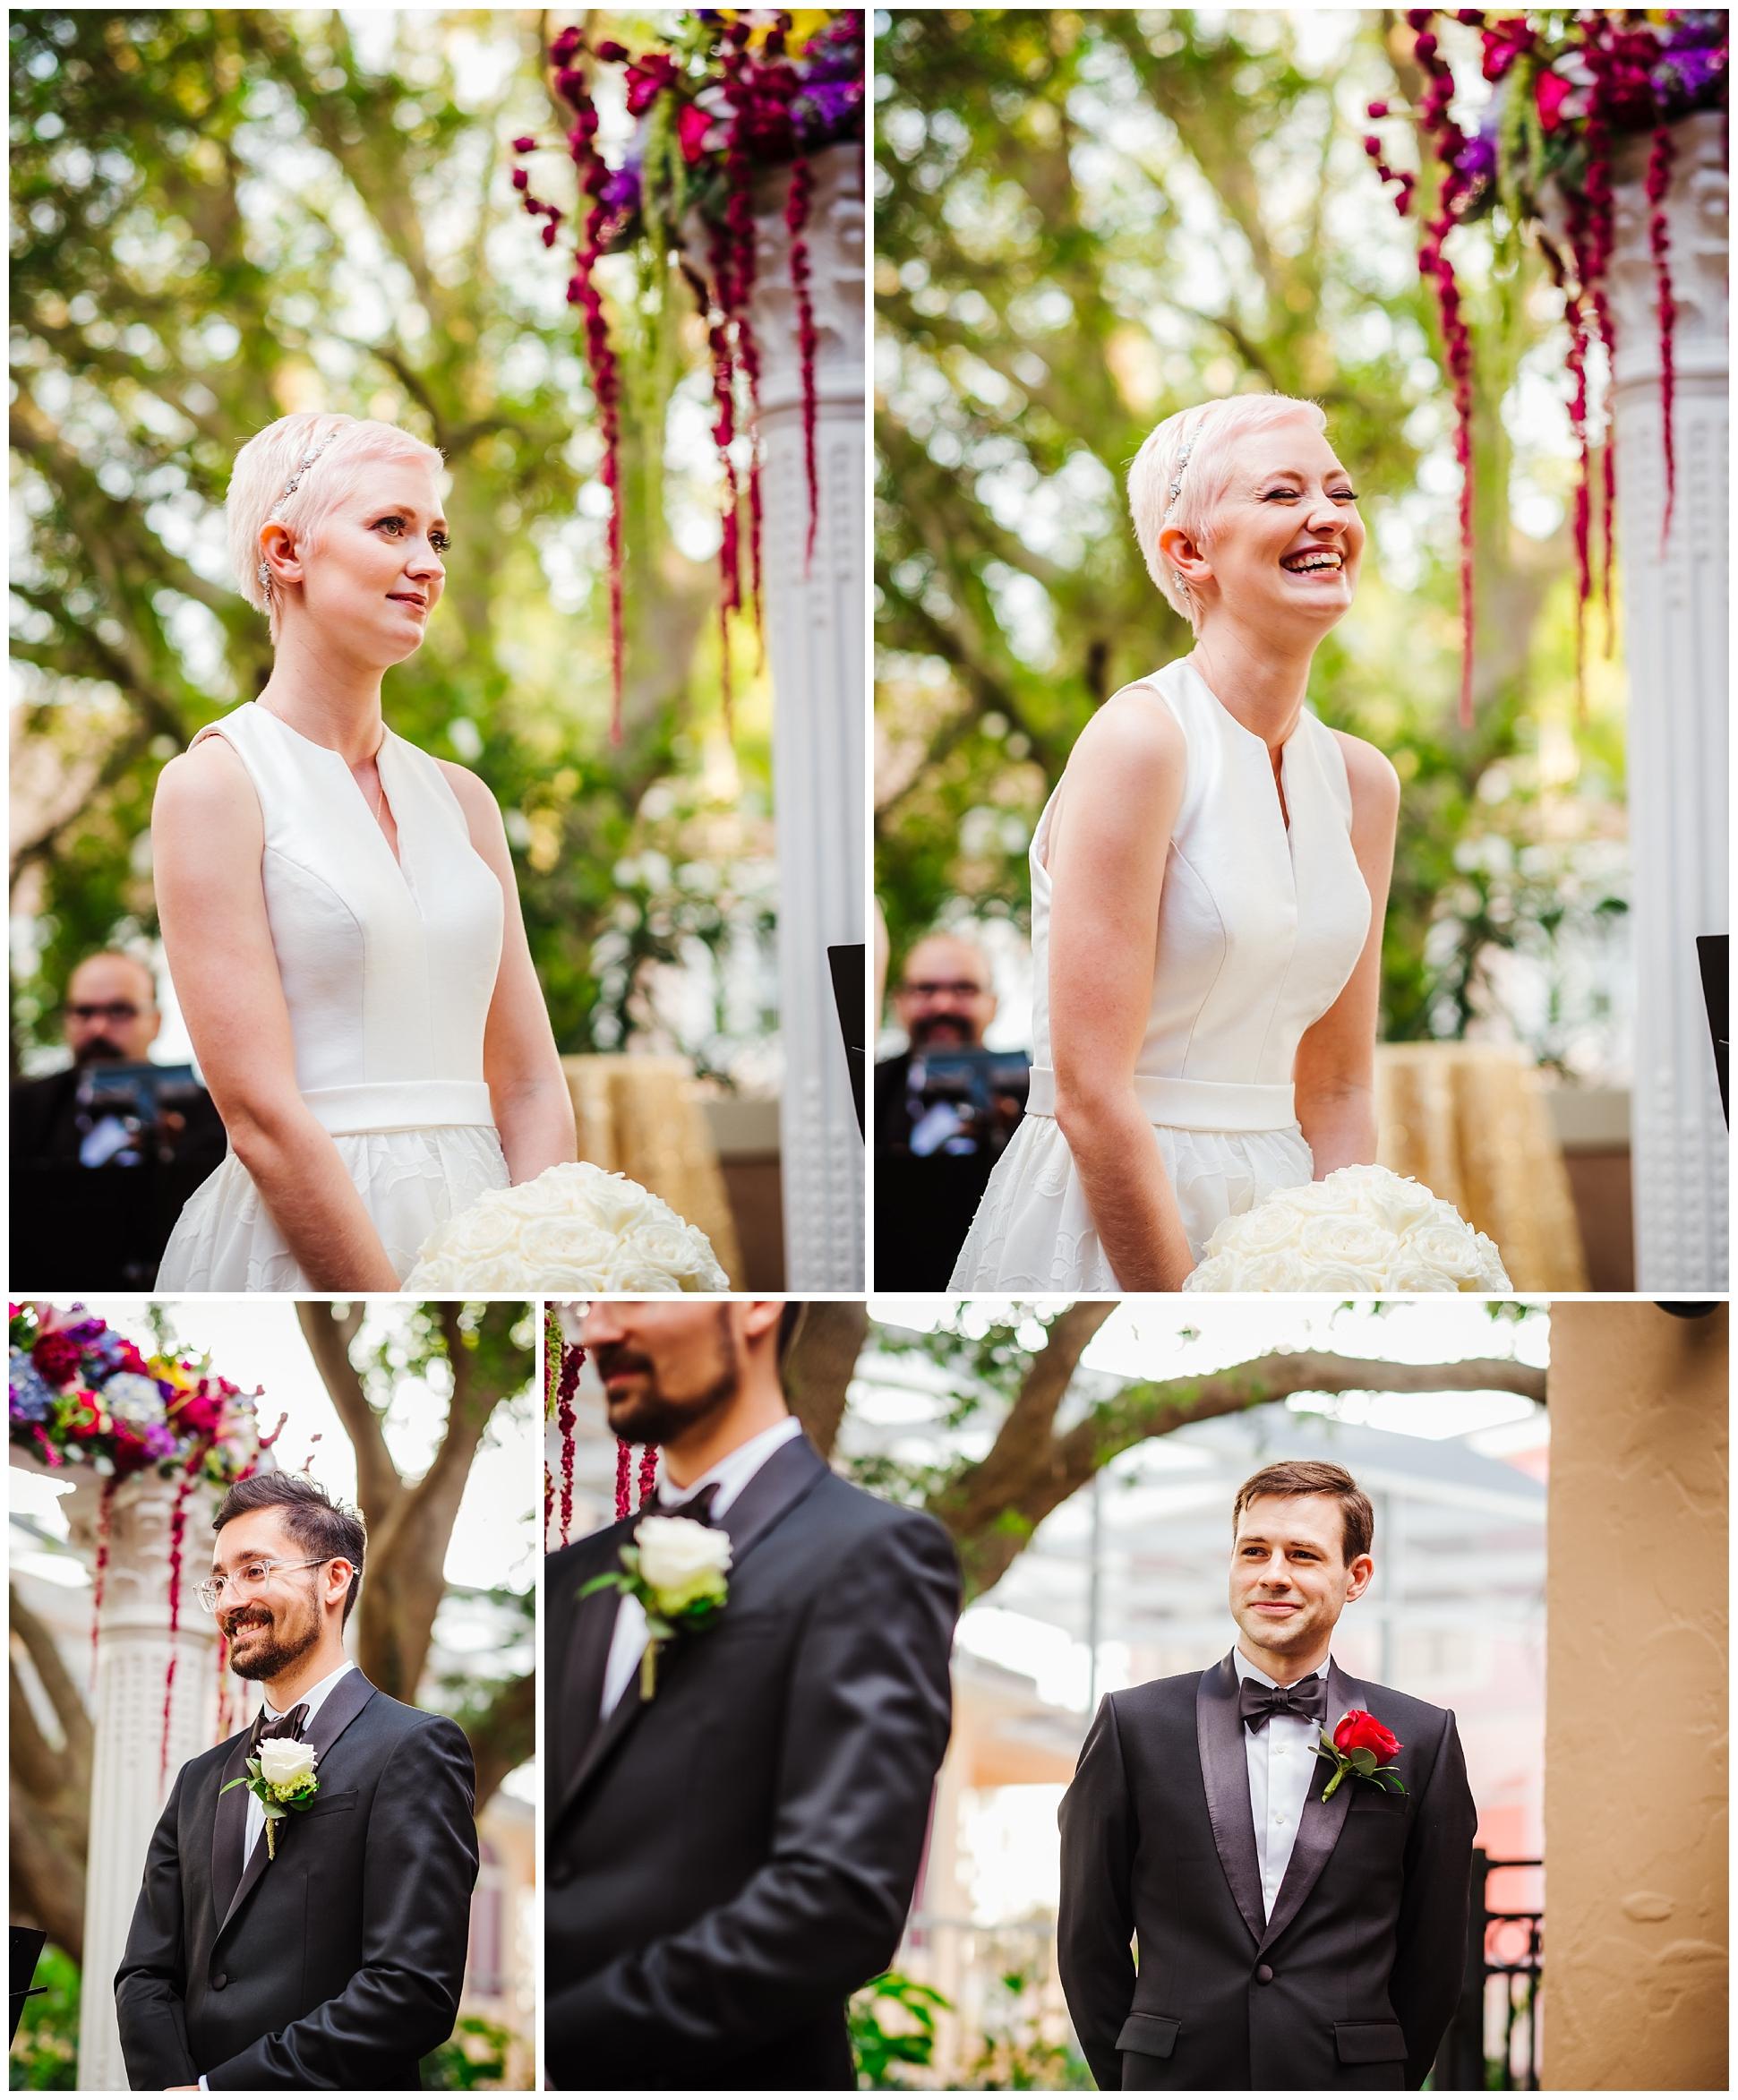 tierra-verde-st-pete-florida-home-luxury-wedding-greenery-pink-pixie-bride_0059.jpg